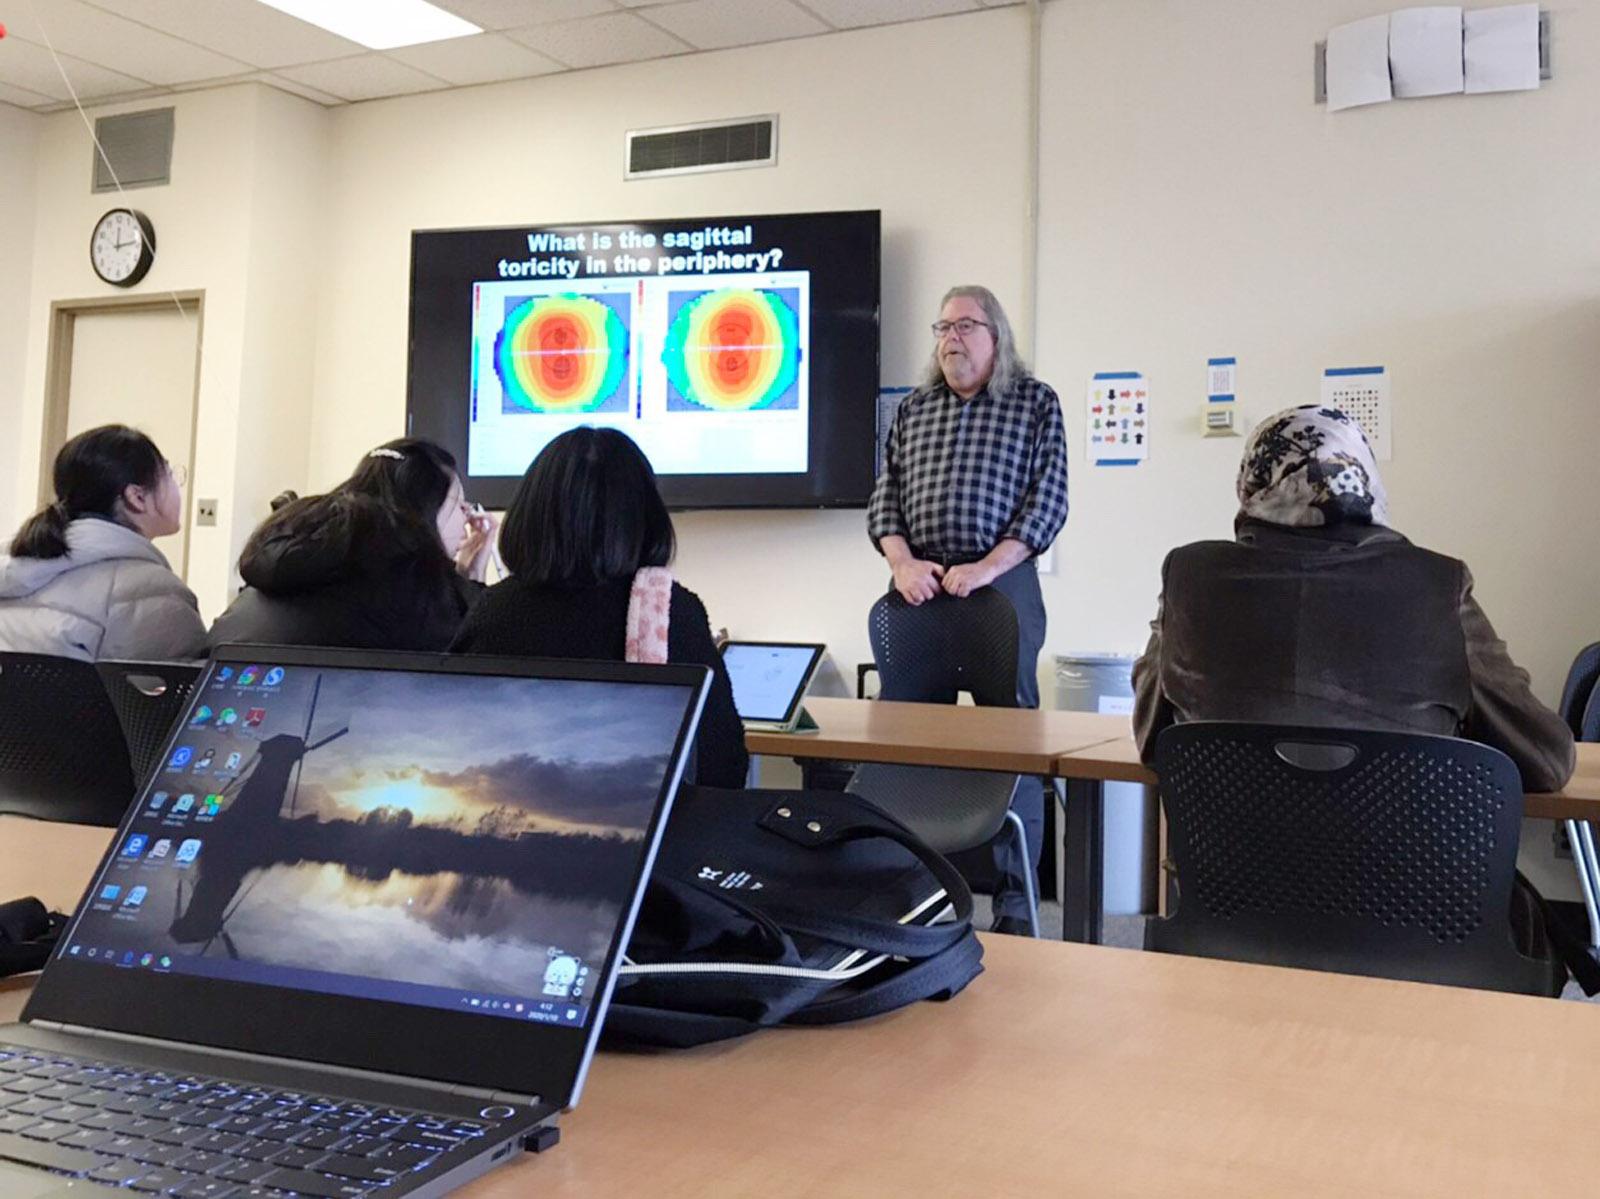 大葉大學視光系學生獲教育部學海築夢補助  寒假赴美國臨床學習-大葉大學視光學系